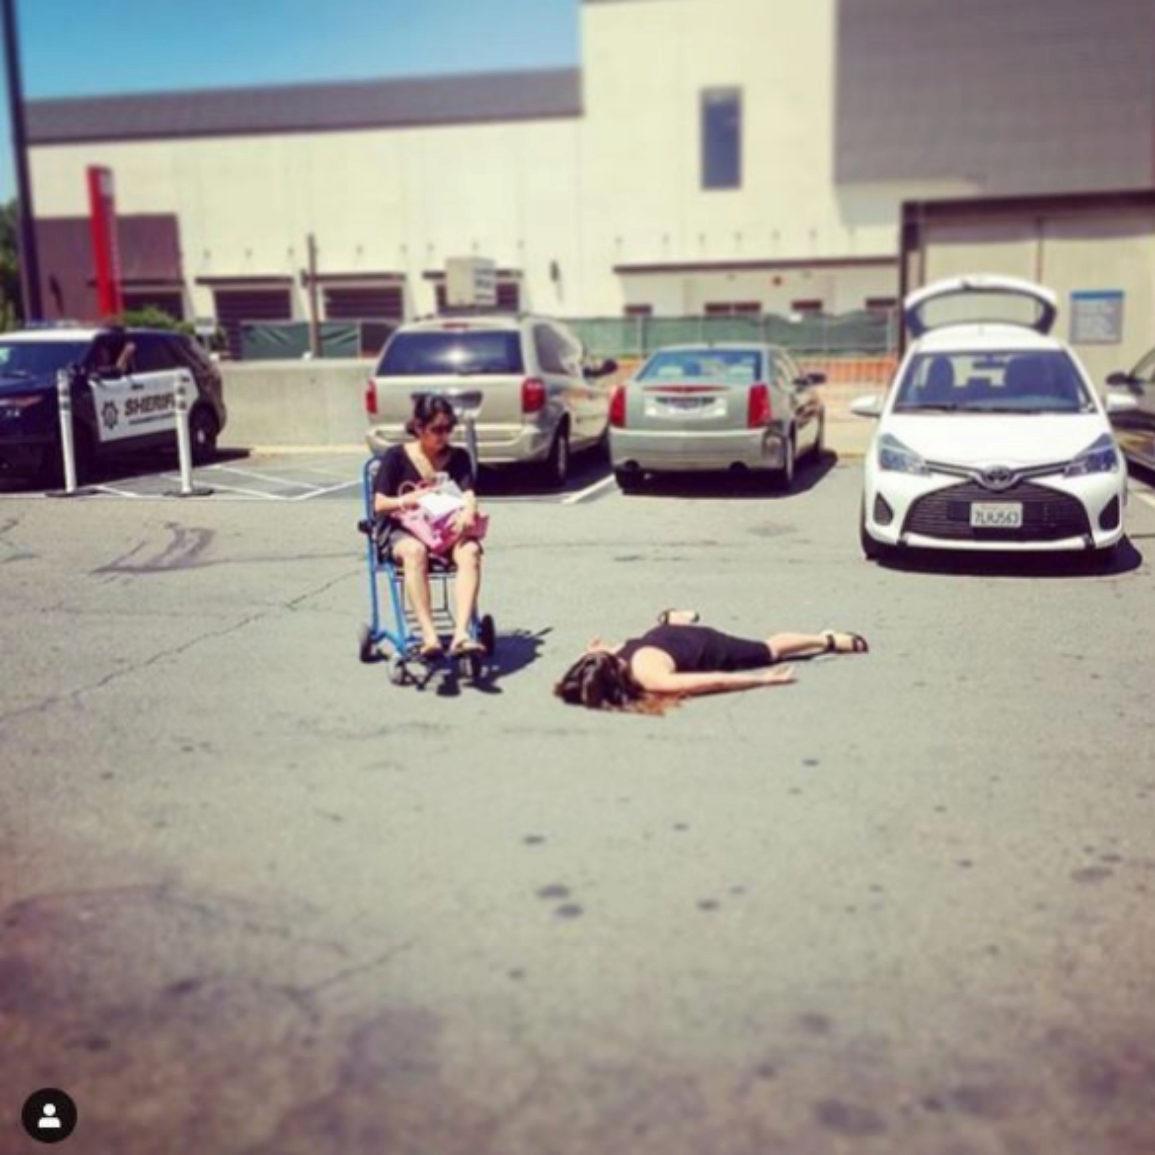 'Stef muere empujando a su amiga en silla de ruedas'. Urgencias, Sacramento, California.